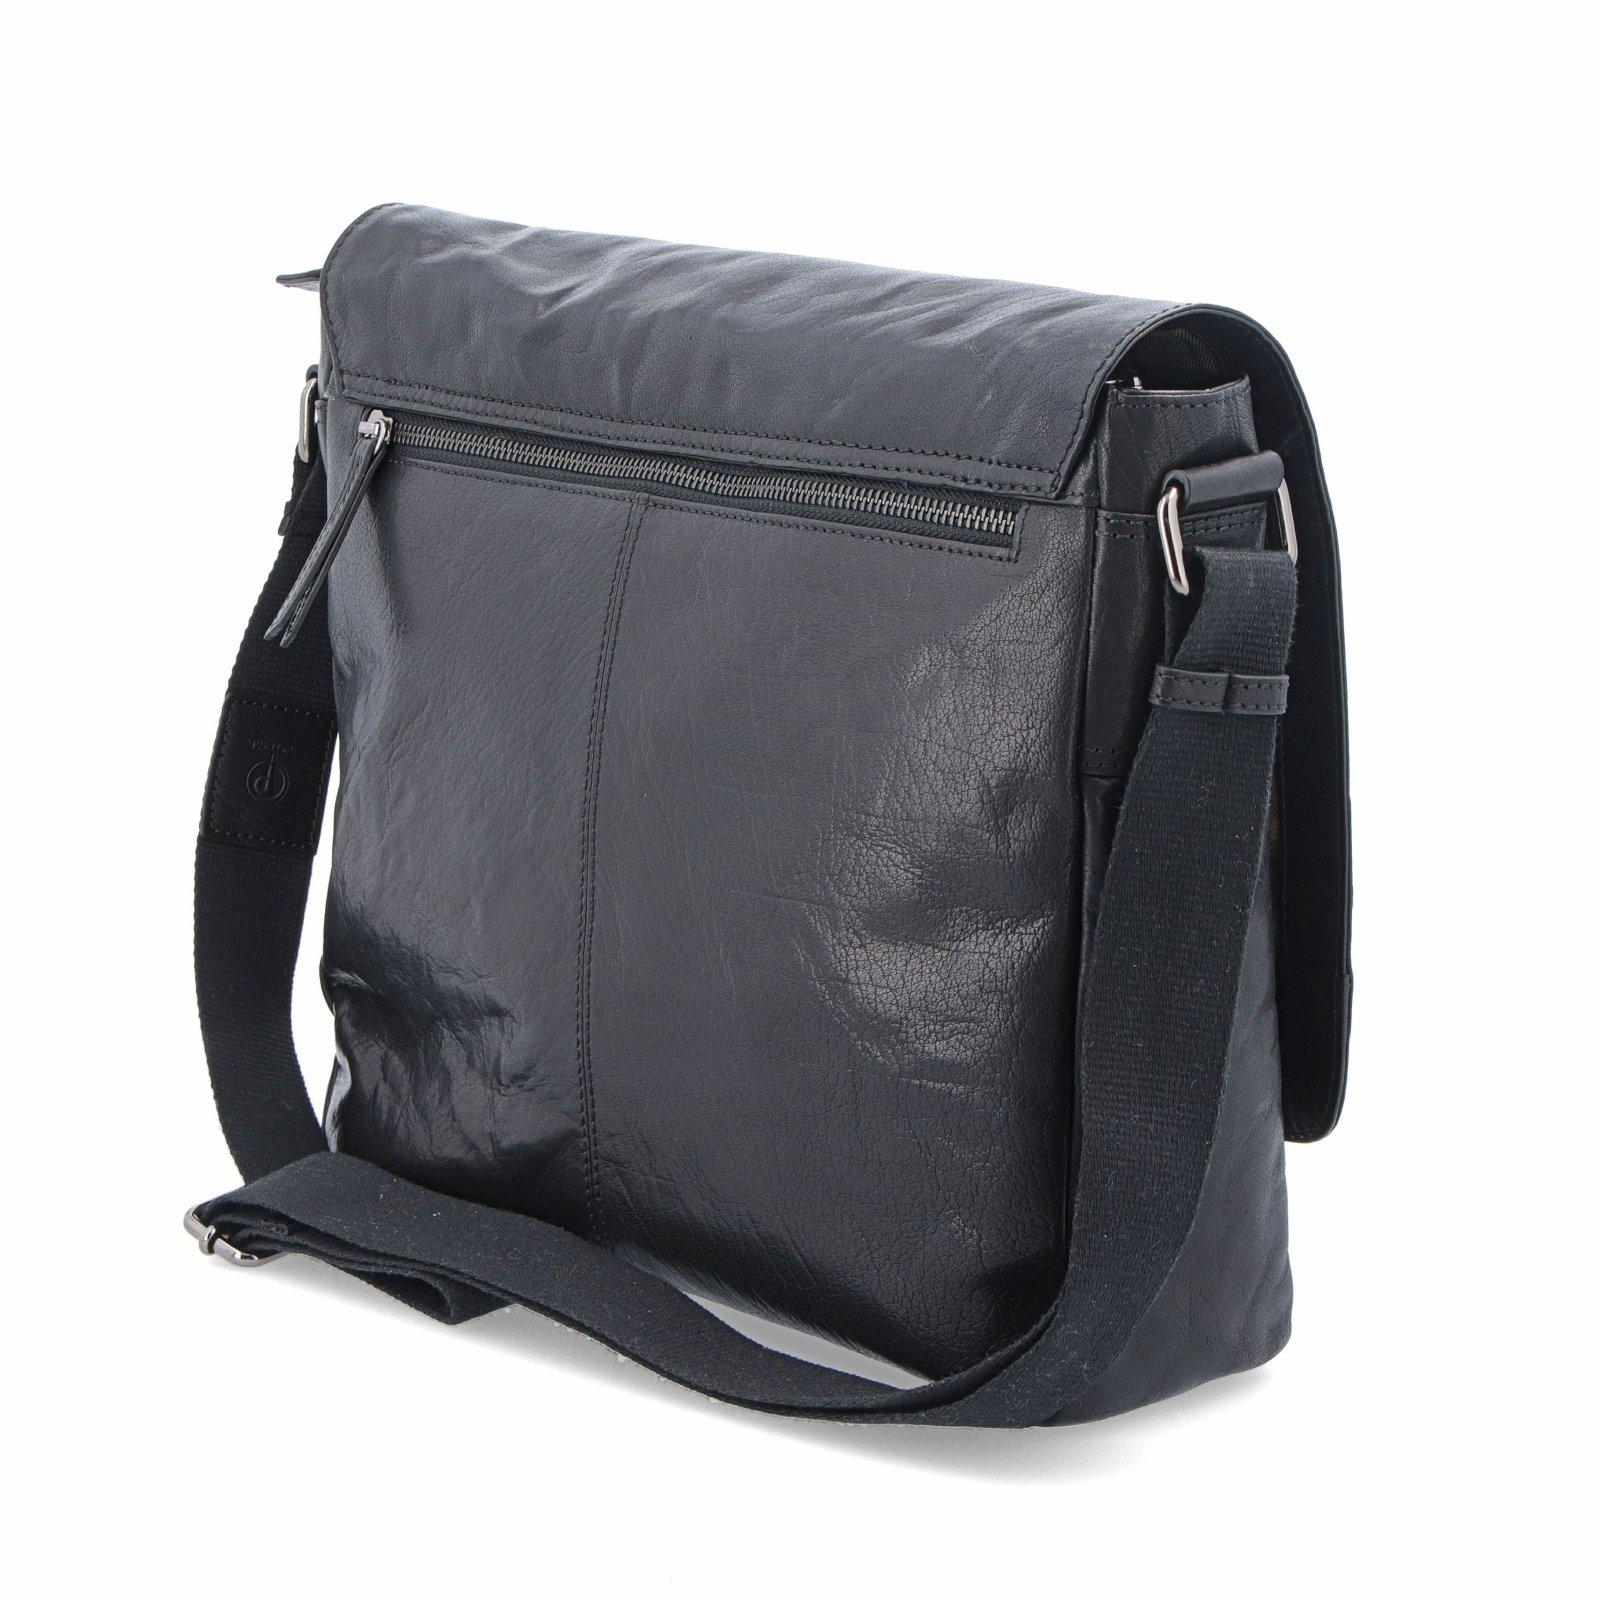 fcb74bca8 Kožená taška Poyem – 2205 Poyem C